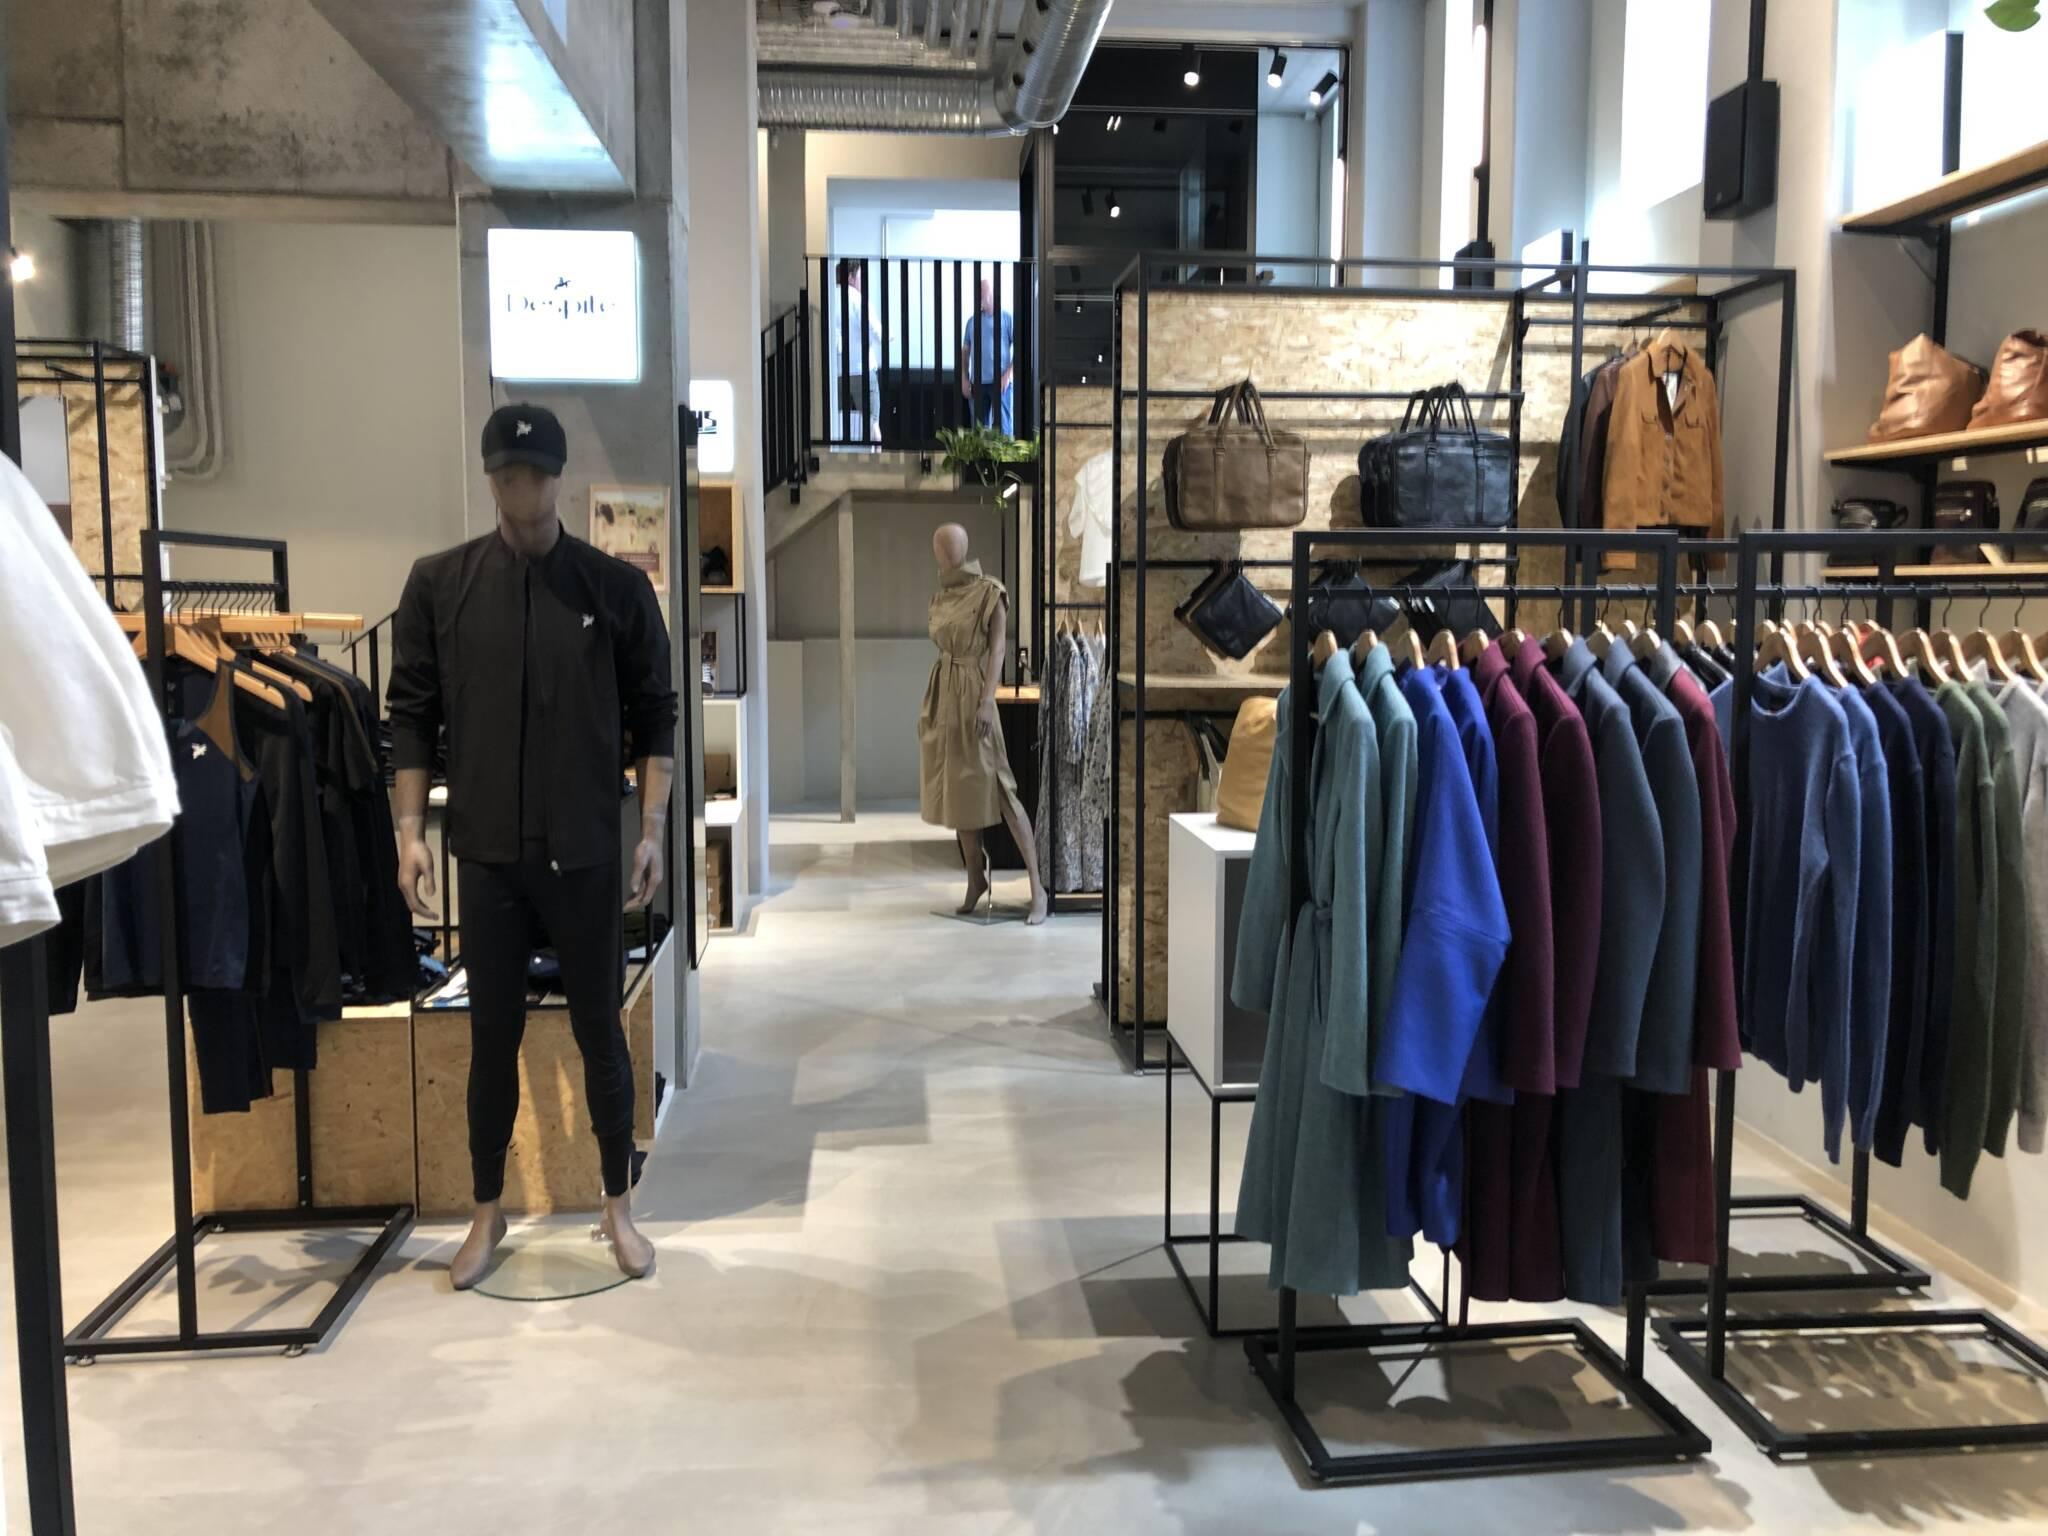 Sort butiksinventar anvendt i stor ny butik i indre København